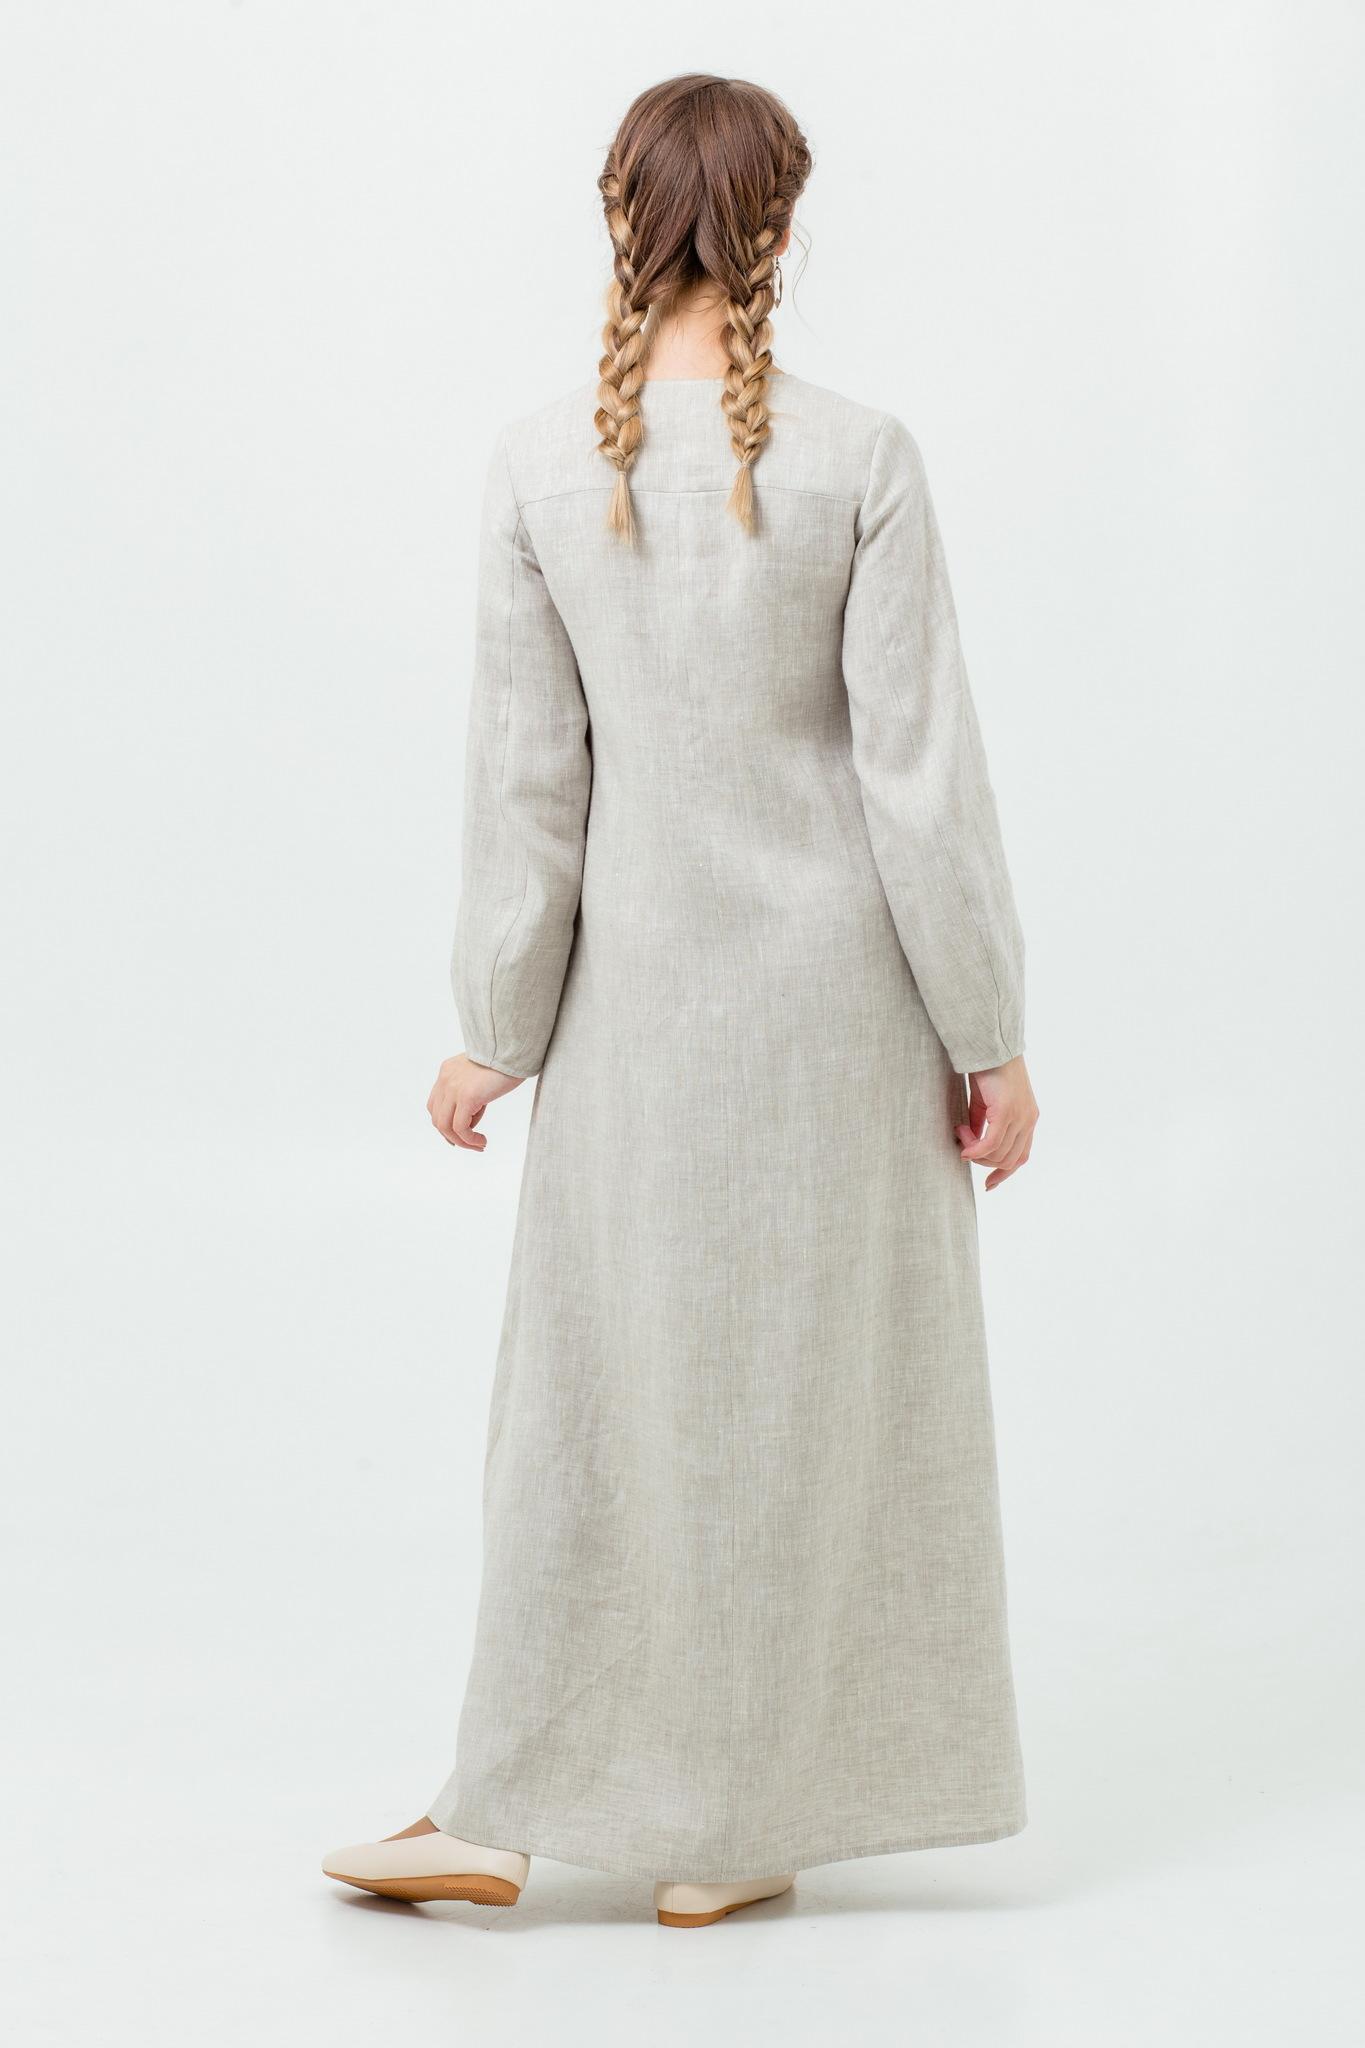 Славянское платье Сливочный щербет с доставкой